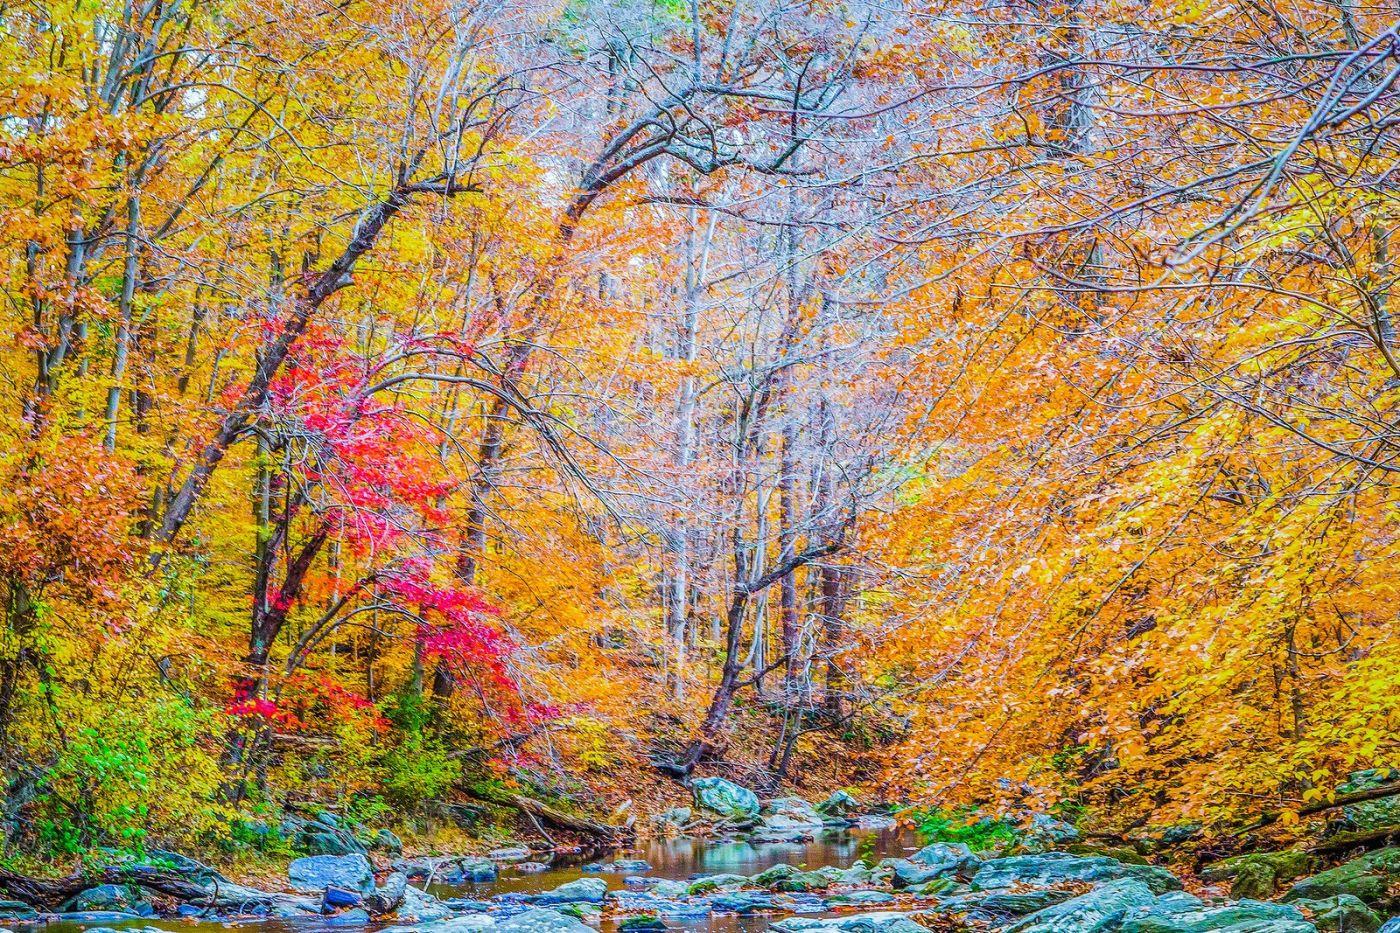 宾州雷德利克里克公园(Ridley creek park),如梦的画面_图1-39